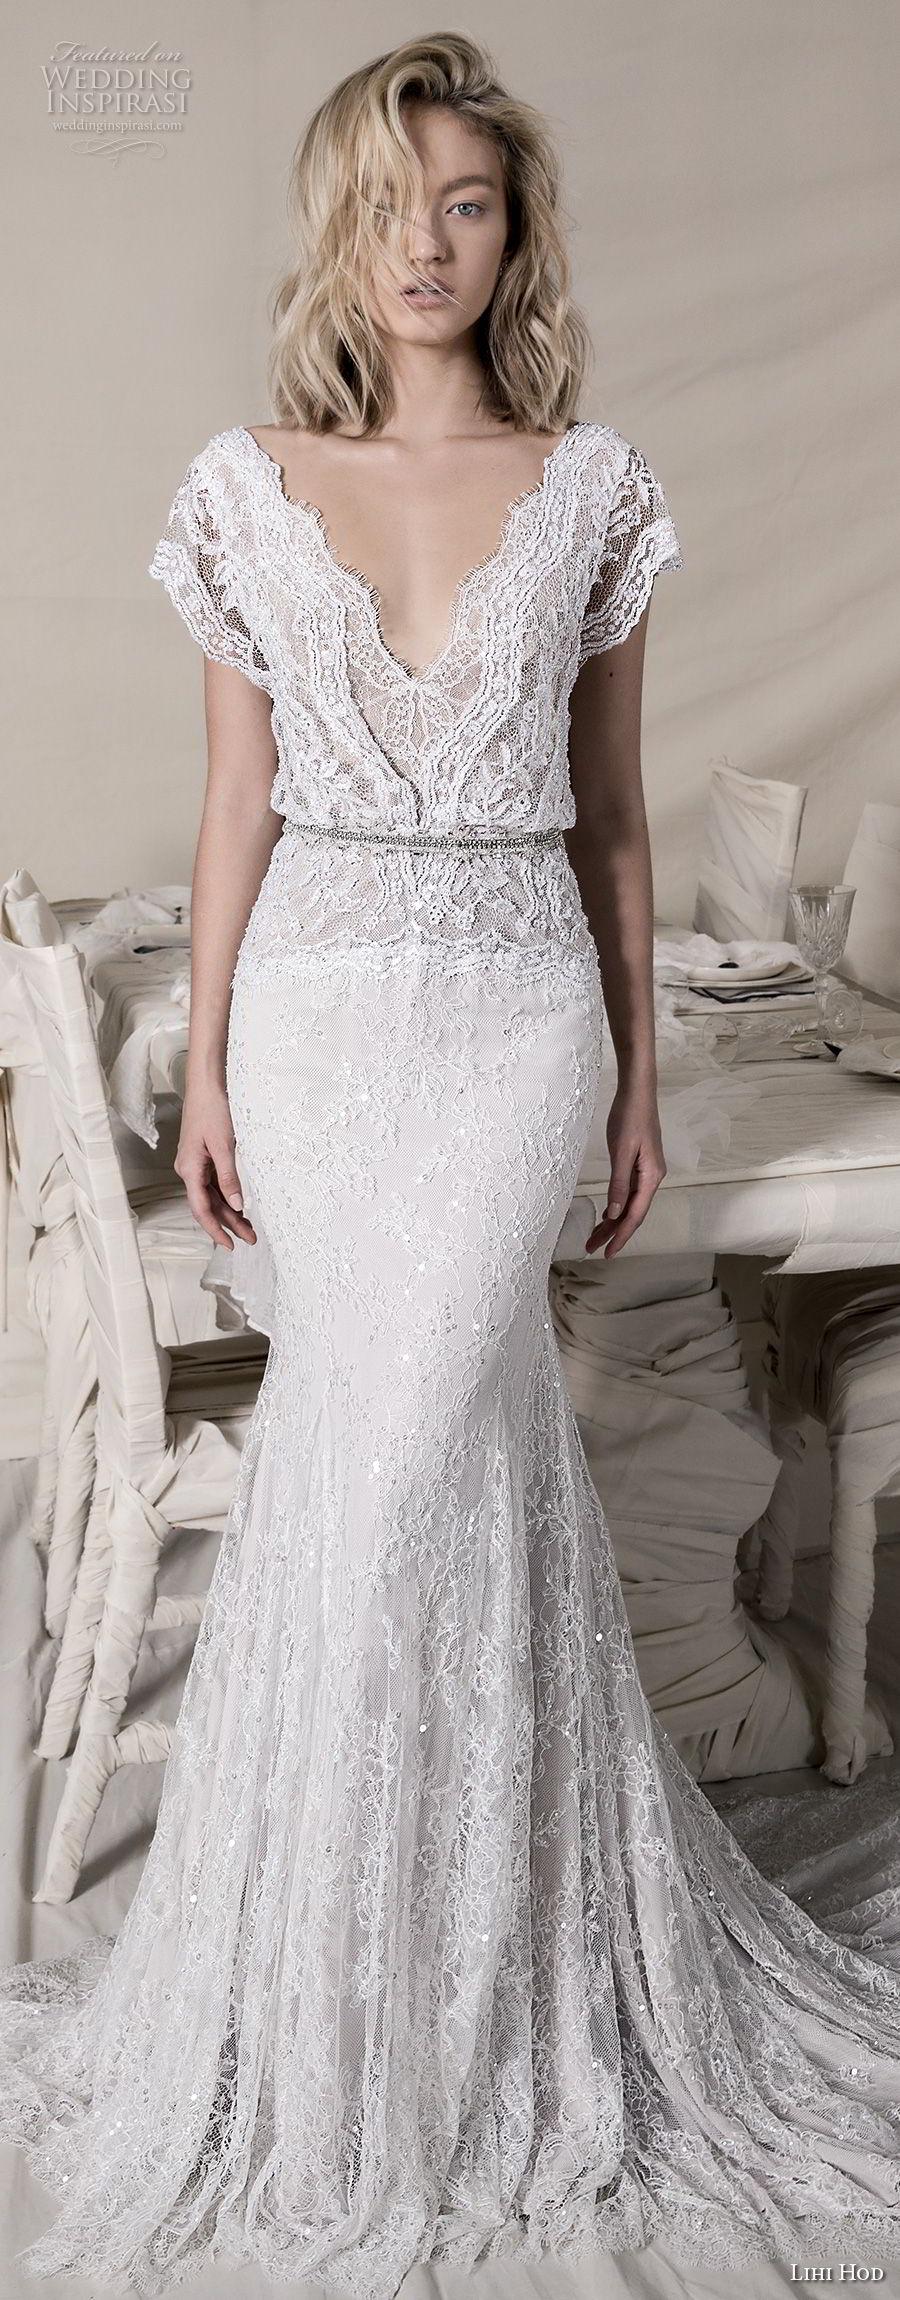 lihi hod 2018 bridal butterfly sleeves v neck full embellishent romantic bohemian a  line wedding dress v back chapel train (2) mv